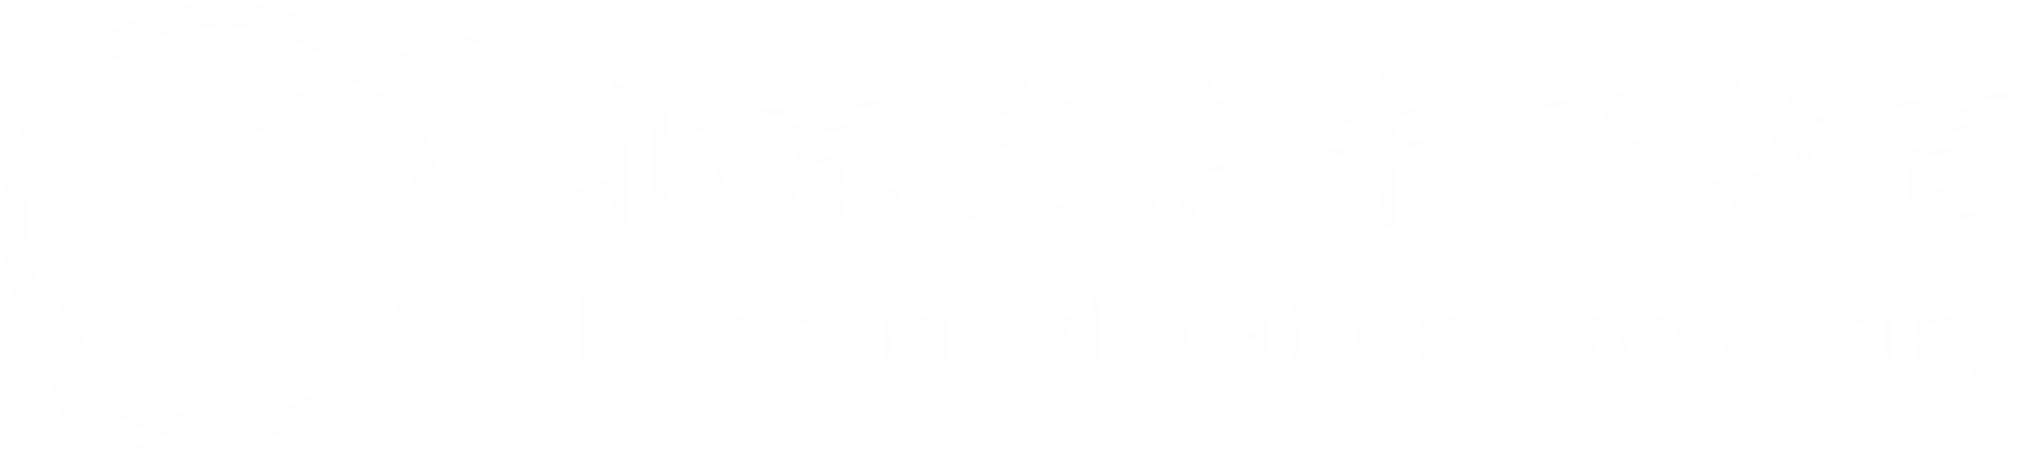 支点未来教育|高端留学品牌_海外名校申请